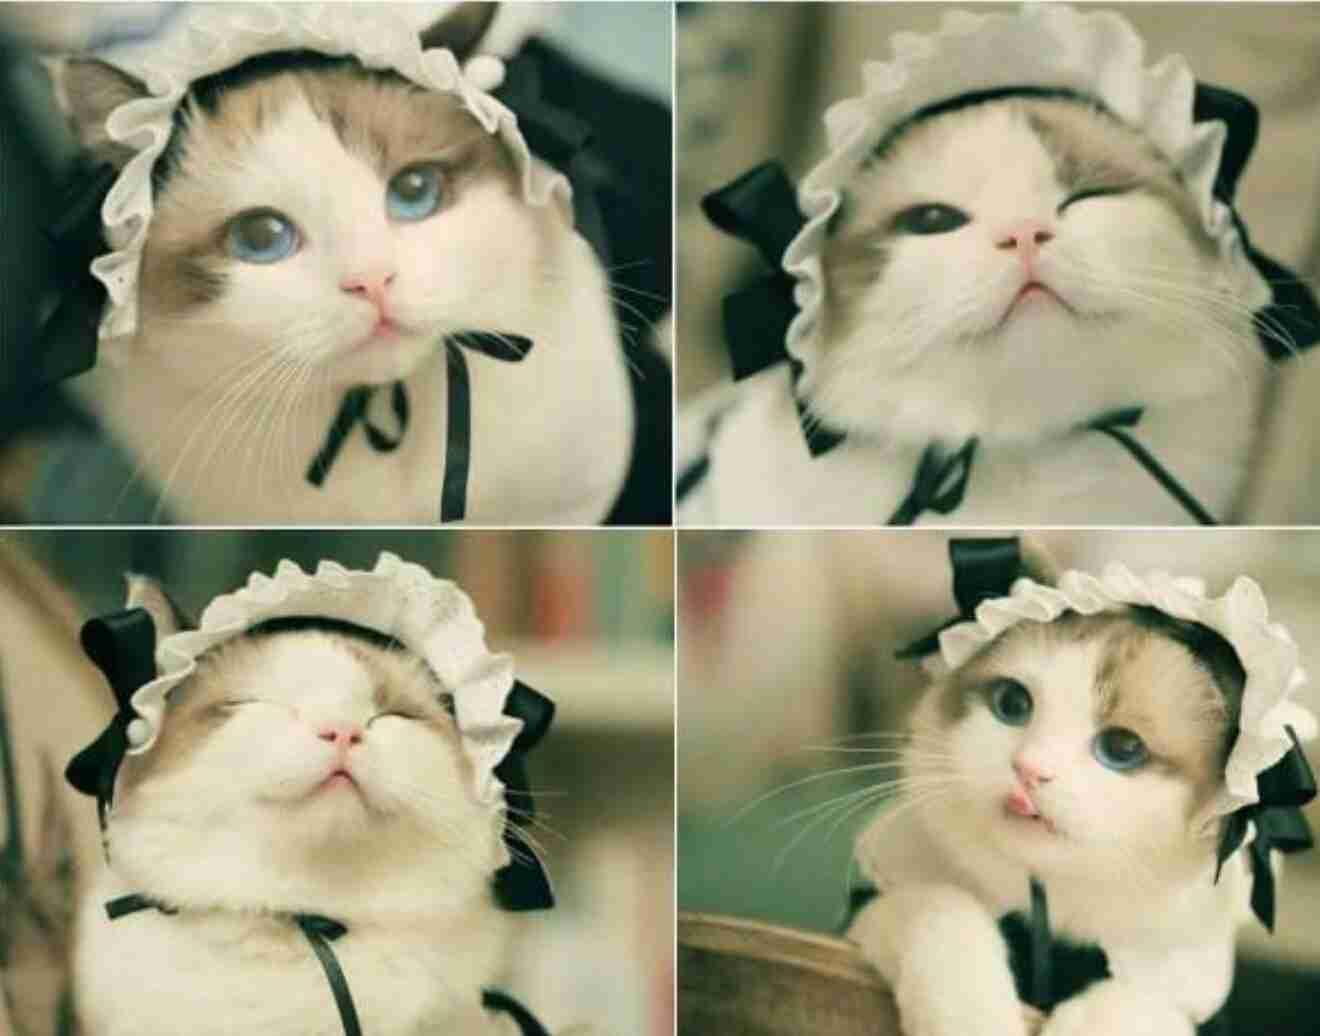 月曜日の朝を体現する猫、現る おもちゃで遊ぶ様子が「めんどくさい」「だるい」しかない